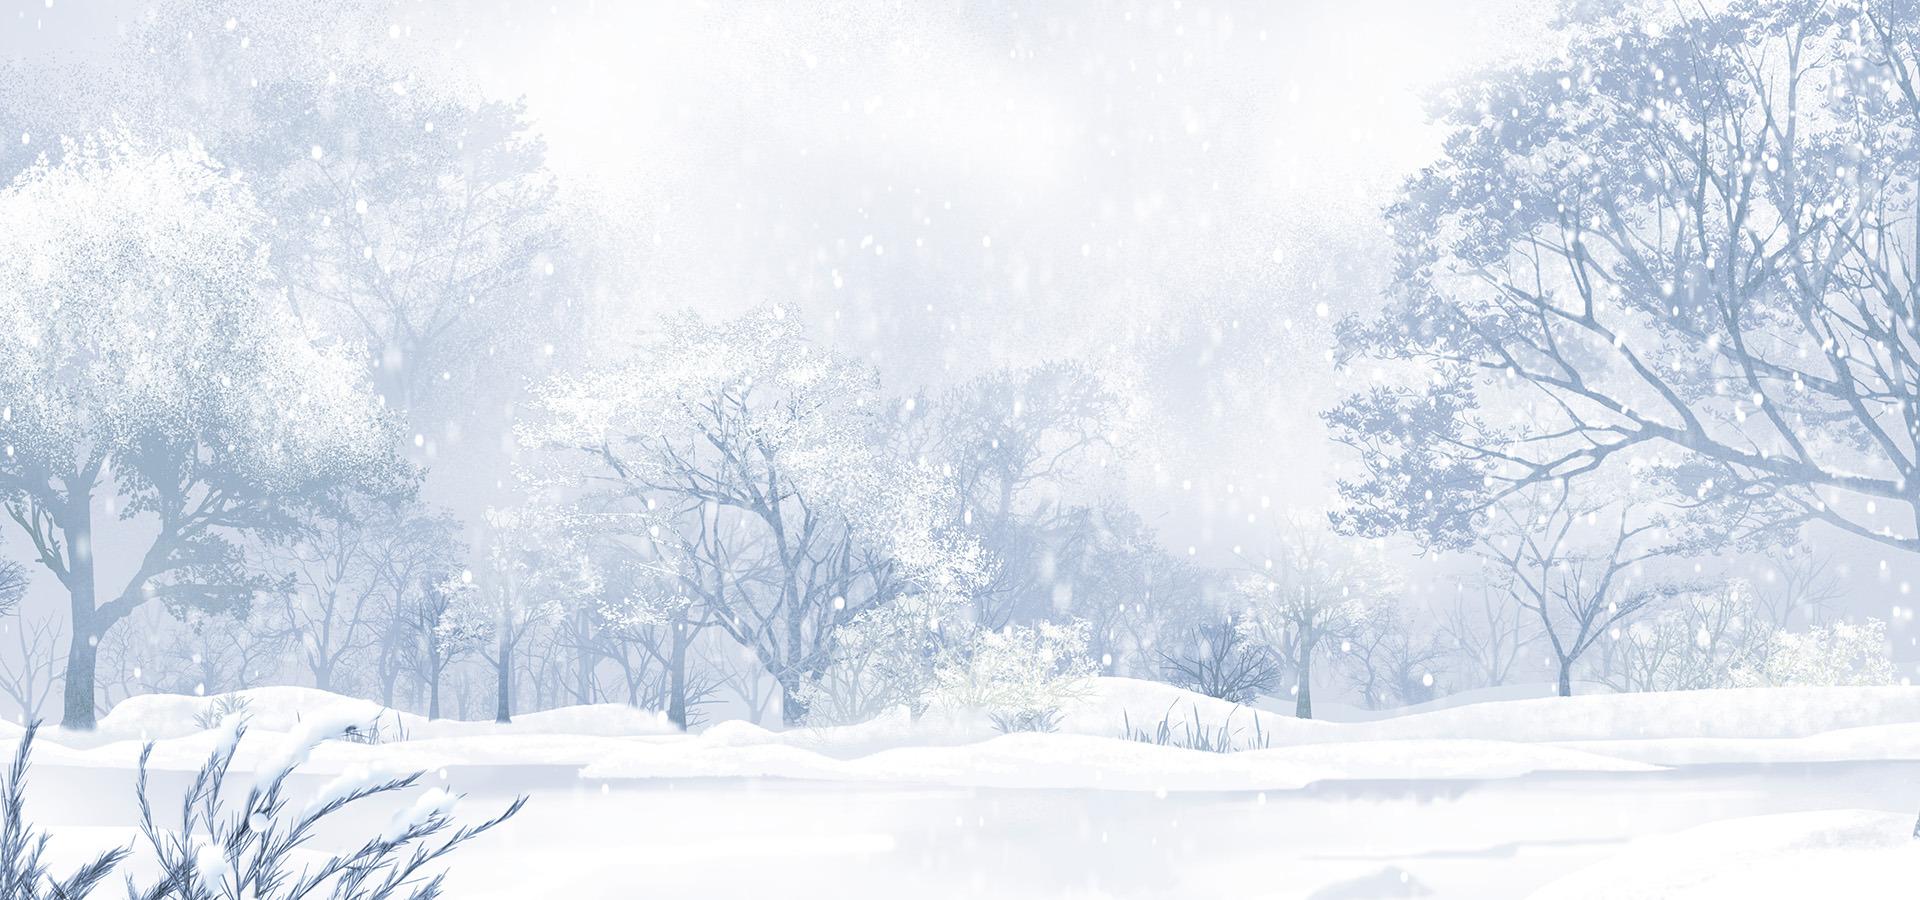 Thời tiết mùa đông băng nền Sương Giá Phong Cảnh Mùa, Hình nền